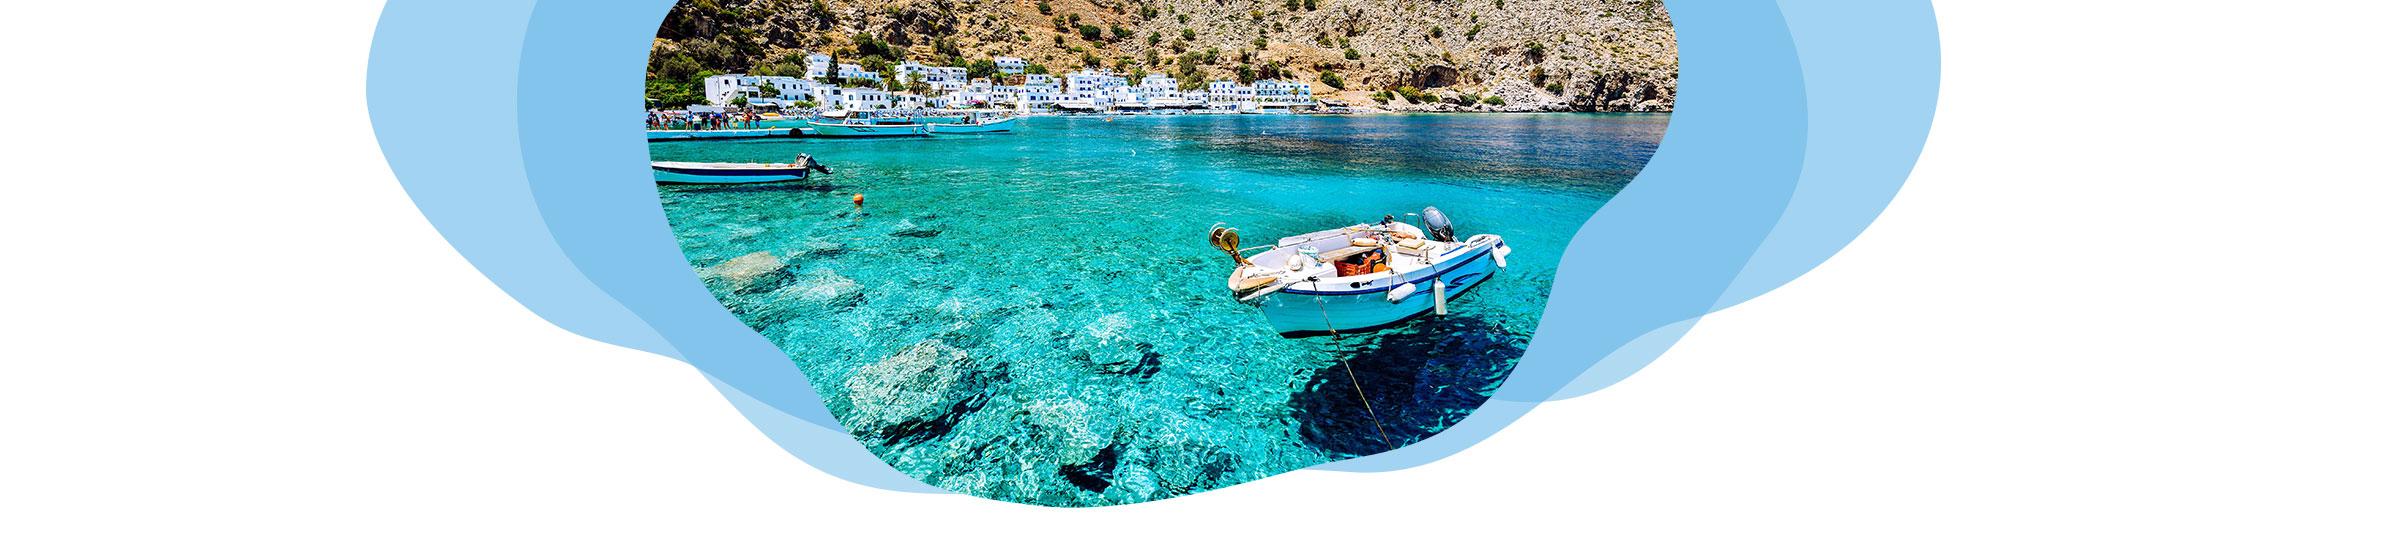 Bucht mit klarem Wasser auf den Griechischen Inseln